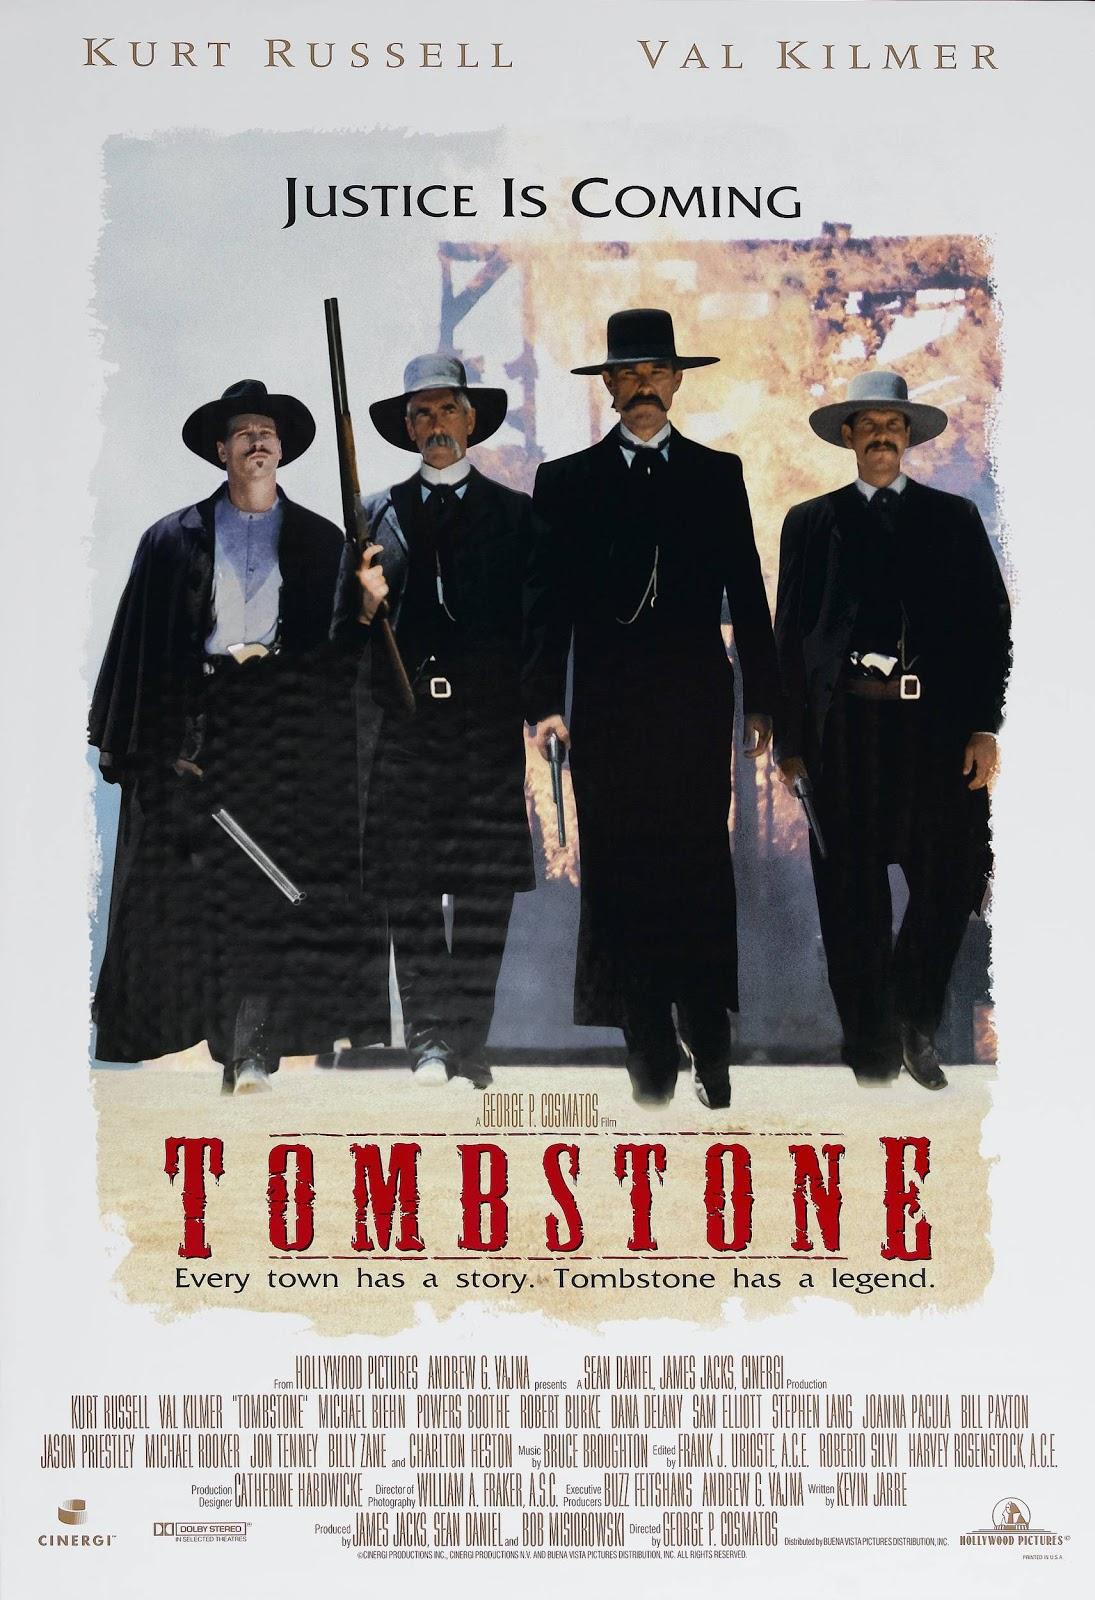 http://1.bp.blogspot.com/-wU3DGCUIxQo/UIQOoNgvMhI/AAAAAAAAOA0/Y64r8VxjAfE/s1600/tombstone-poster.jpg